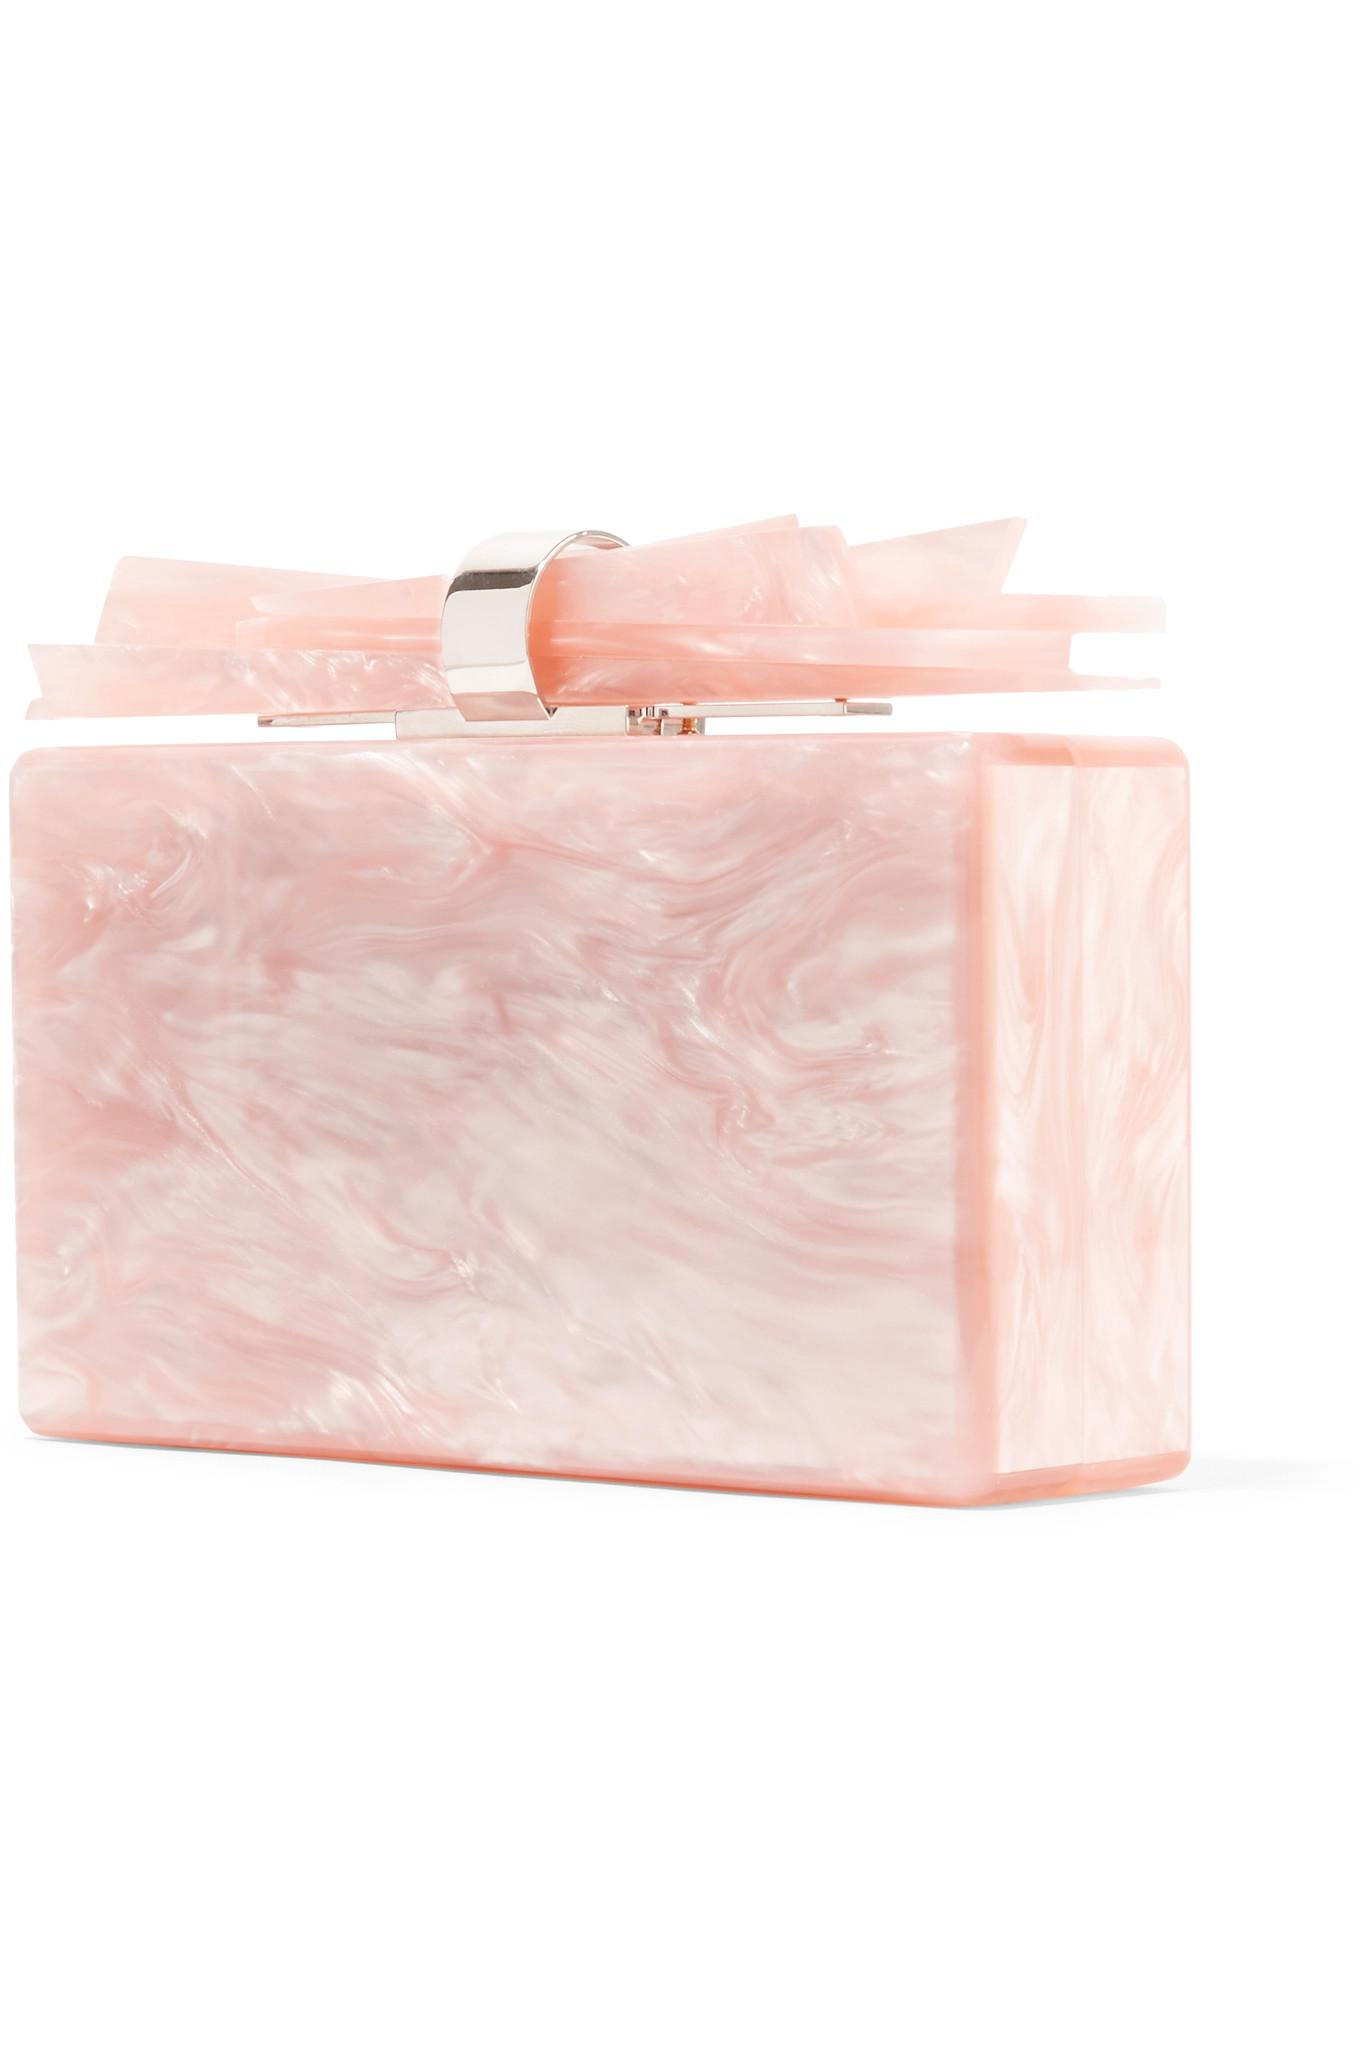 Akryl Box marbled parker akryl box edie wolf koppling pastellfärgad rosa d0qzxfpw